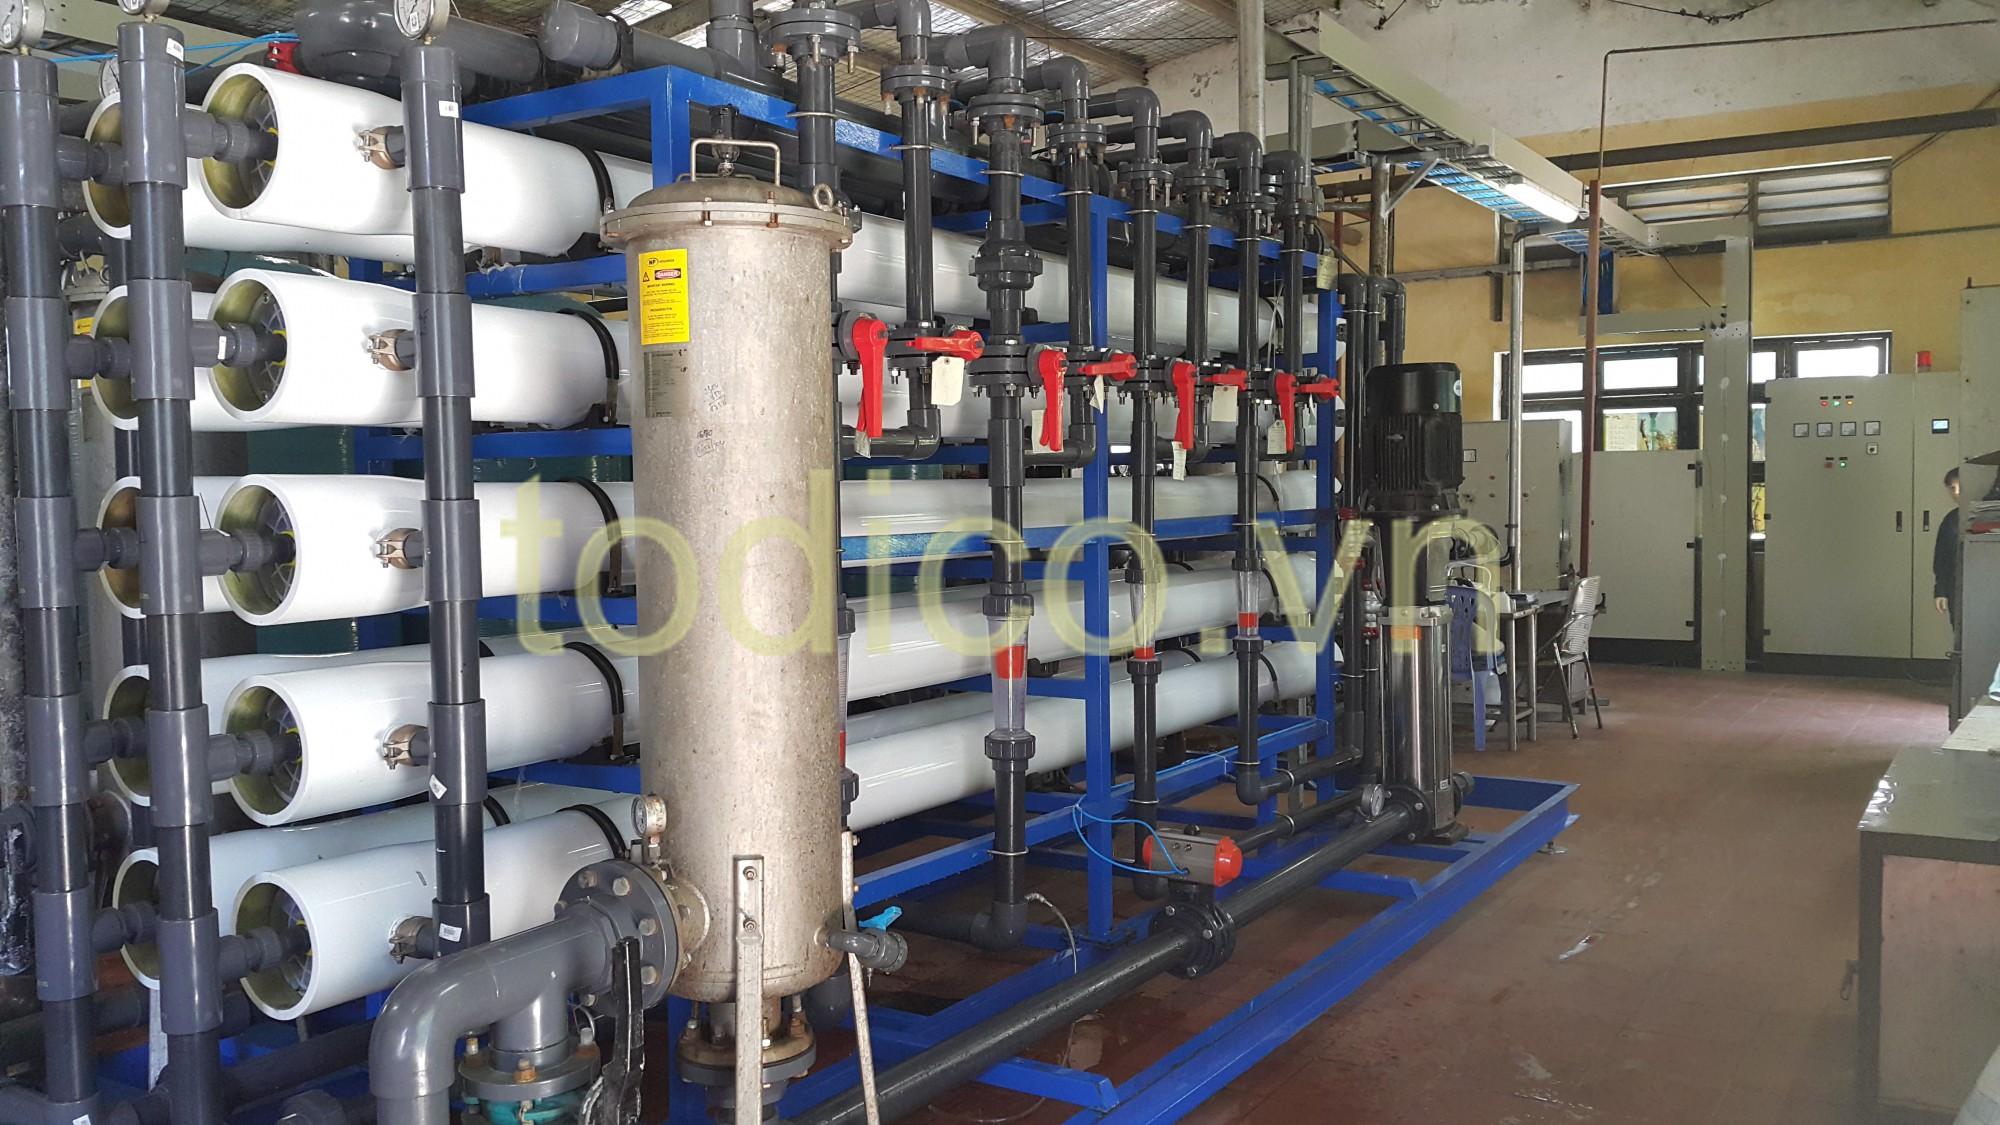 Hệ Thống RO Xử Lý Nước Nấu Bia - Nhà máy bia Sài Gòn Nghệ Tĩnh